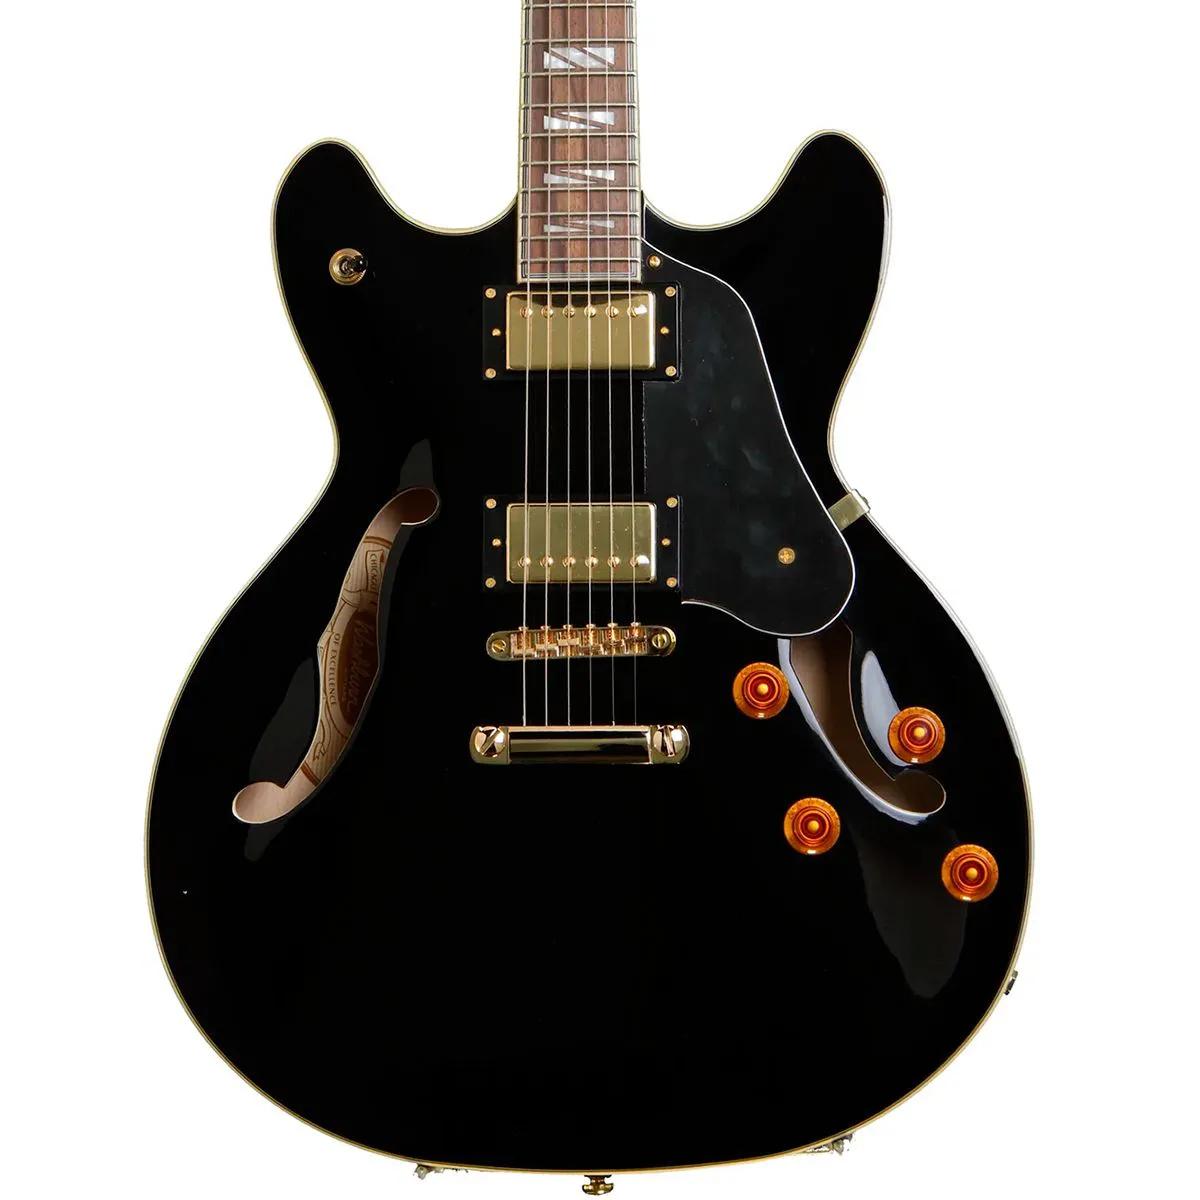 Guitarra Semi-Acústica Washburn HB35 Black